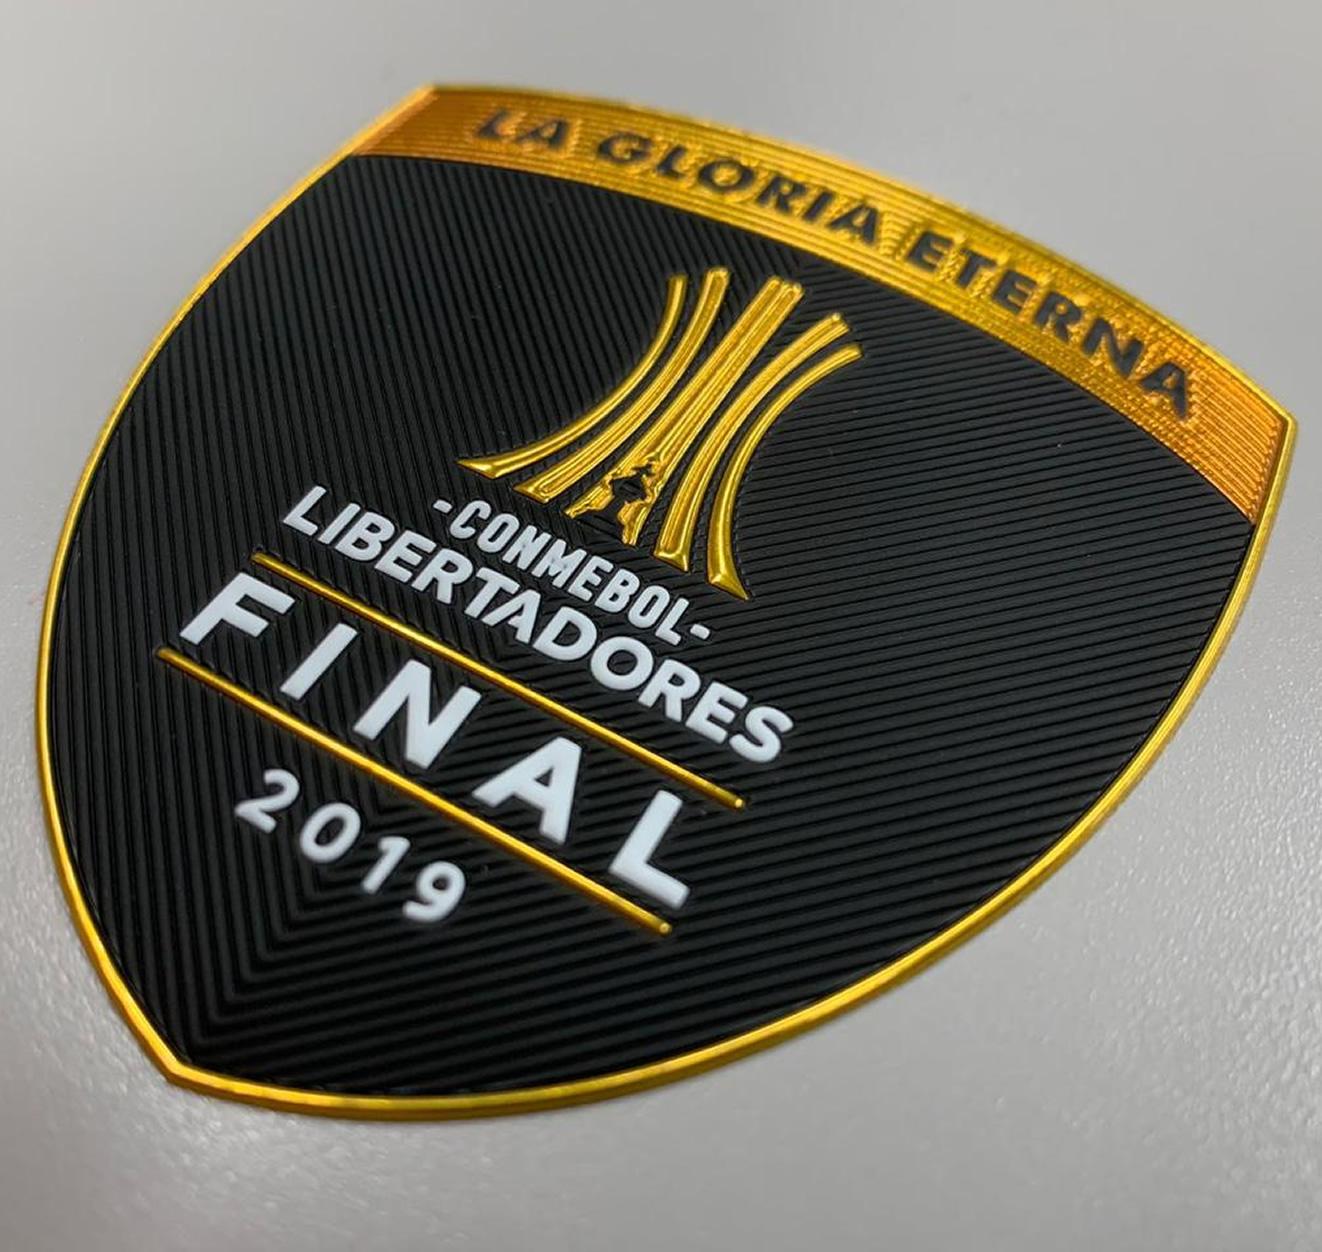 Parche oficial de la Final 2019 de la Copa Libertadores   Imagen CONMEBOL